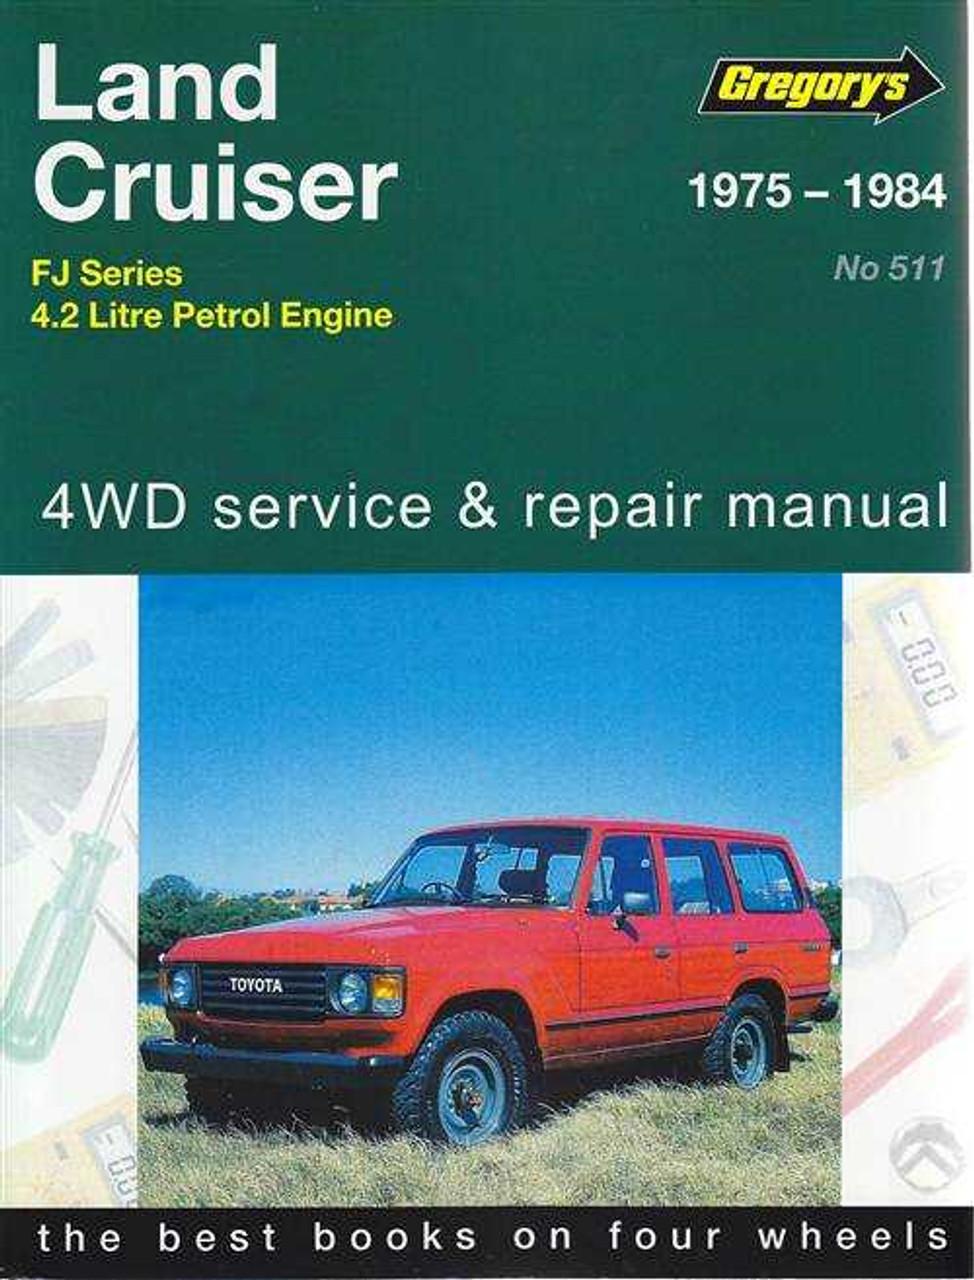 toyota land cruiser fj series fj40 fj45 fj55 fj60 1975 1984 rh automotobookshop com au 88 Land Cruiser 95 Land Cruiser